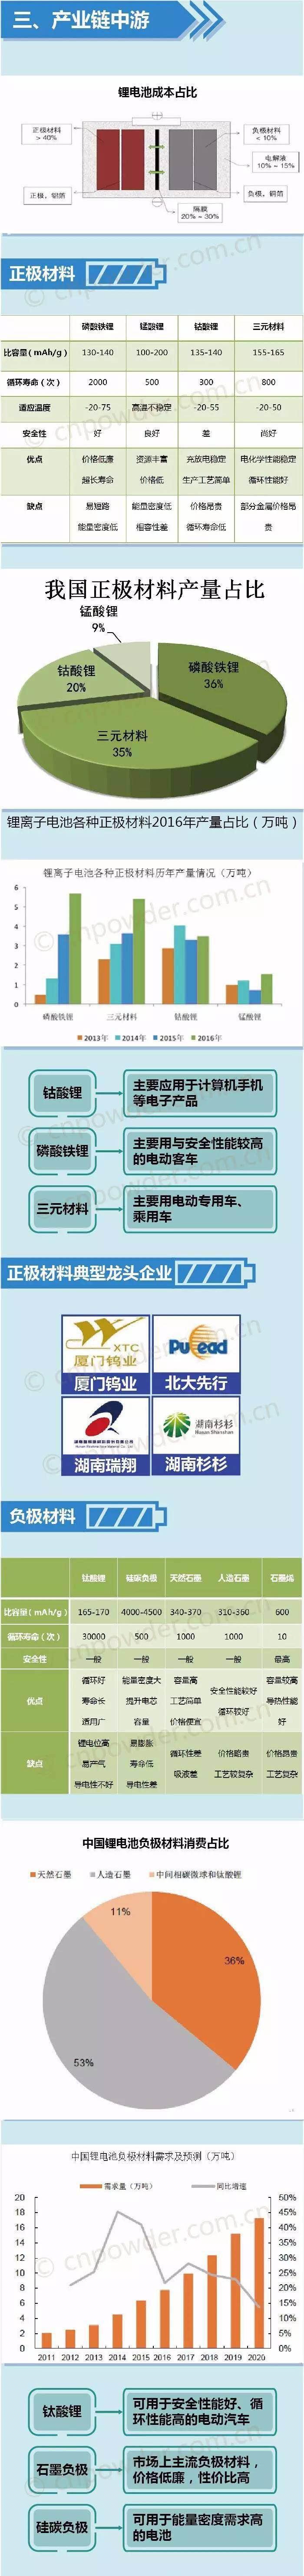 图解:锂电池产业链全景